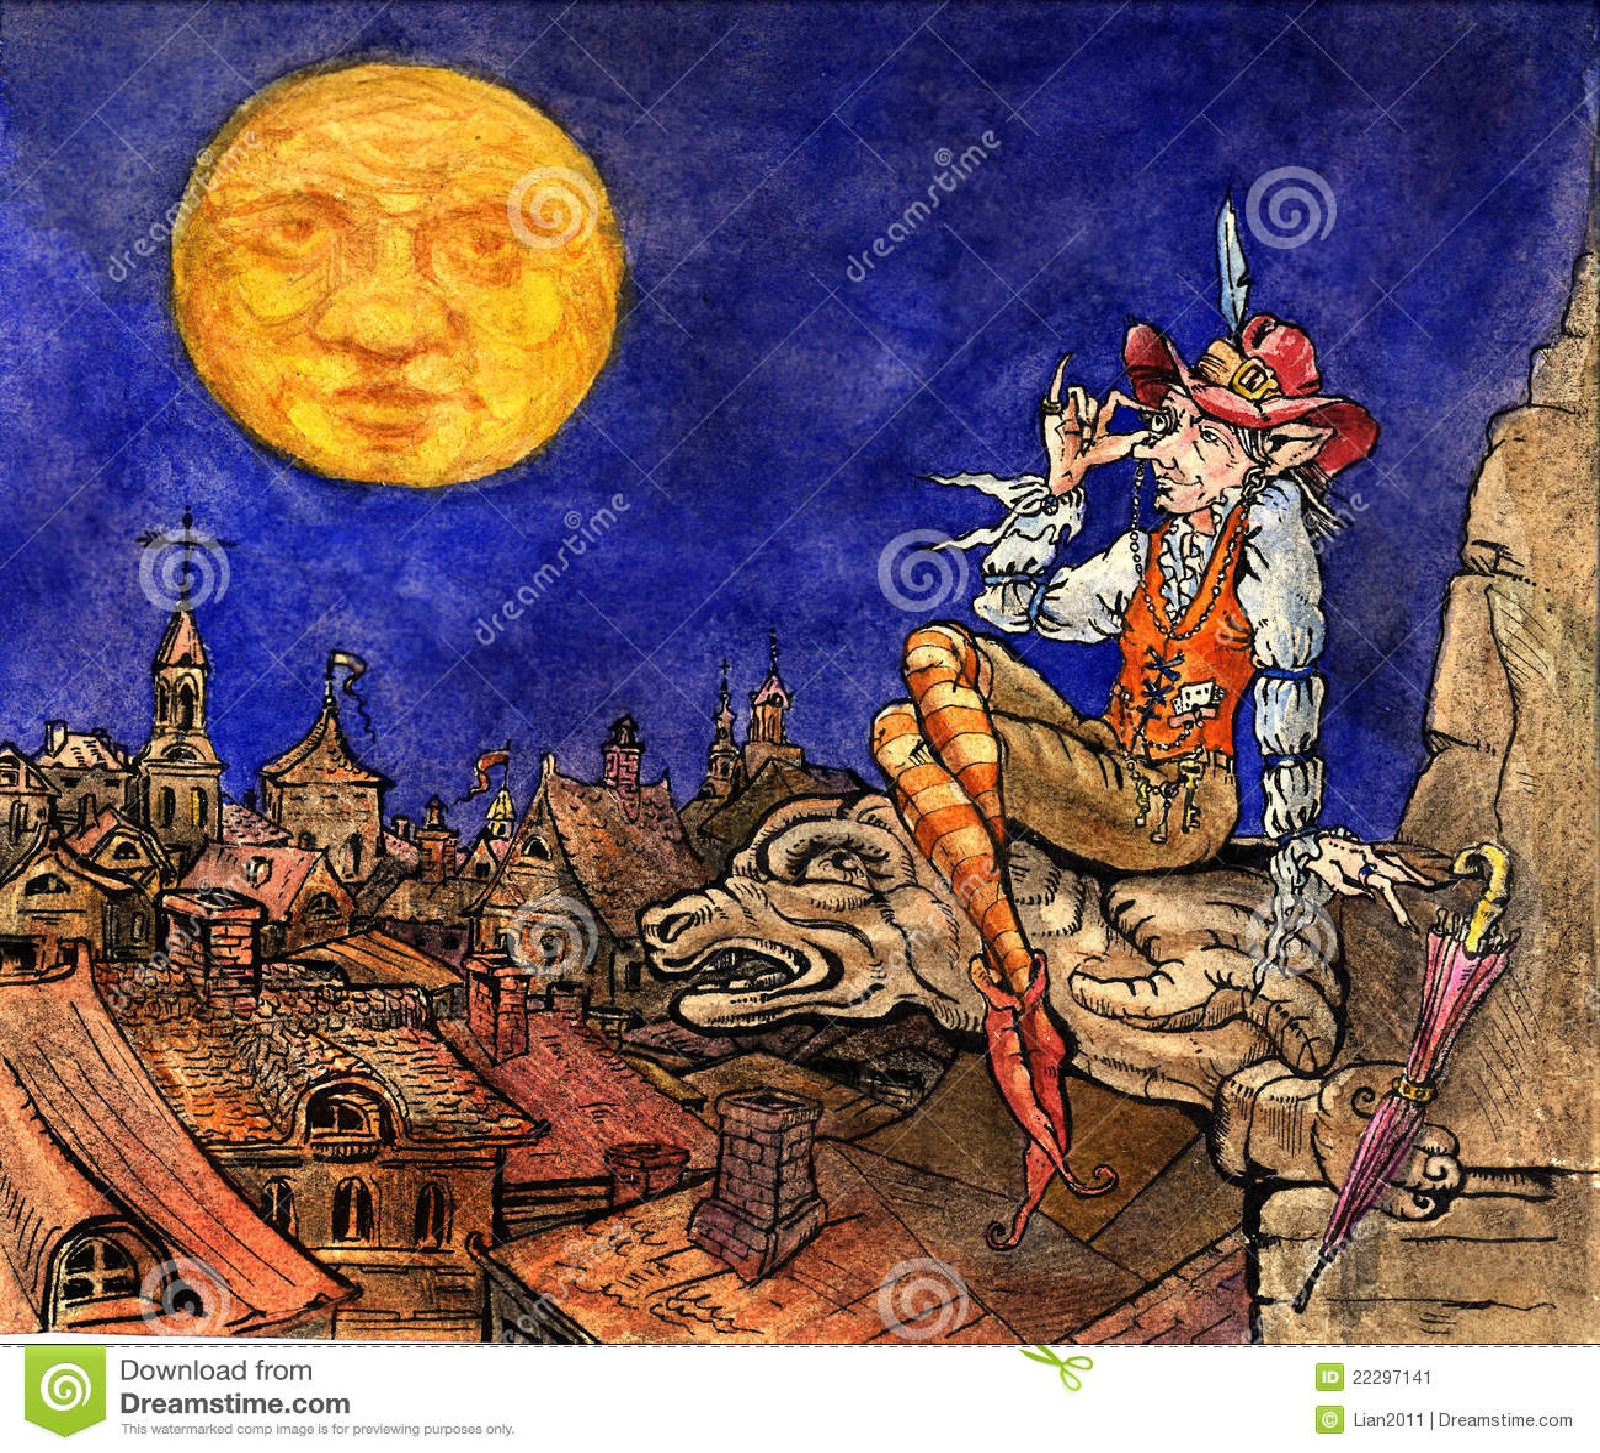 Illustration Conte De Fée illustration pour l'histoire de conte de fées illustration stock